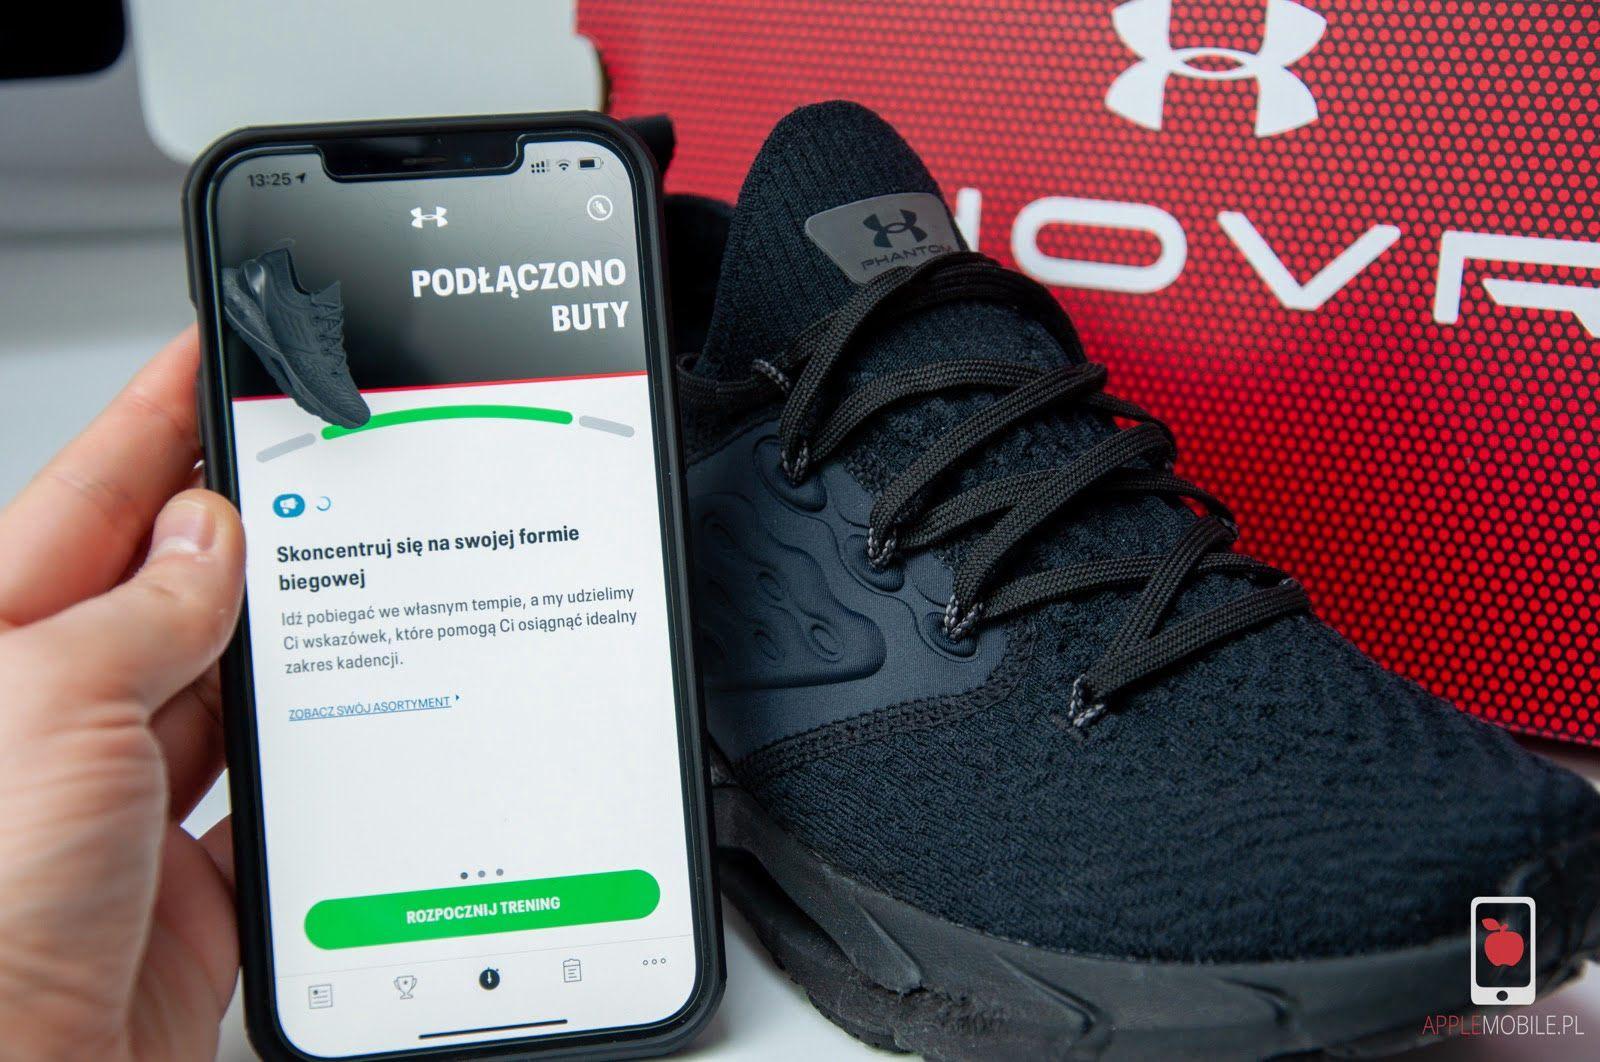 Recenzja Under Armour HOVR Phantom 2 – buty, które połączysz z iPhonem i Apple Watchem